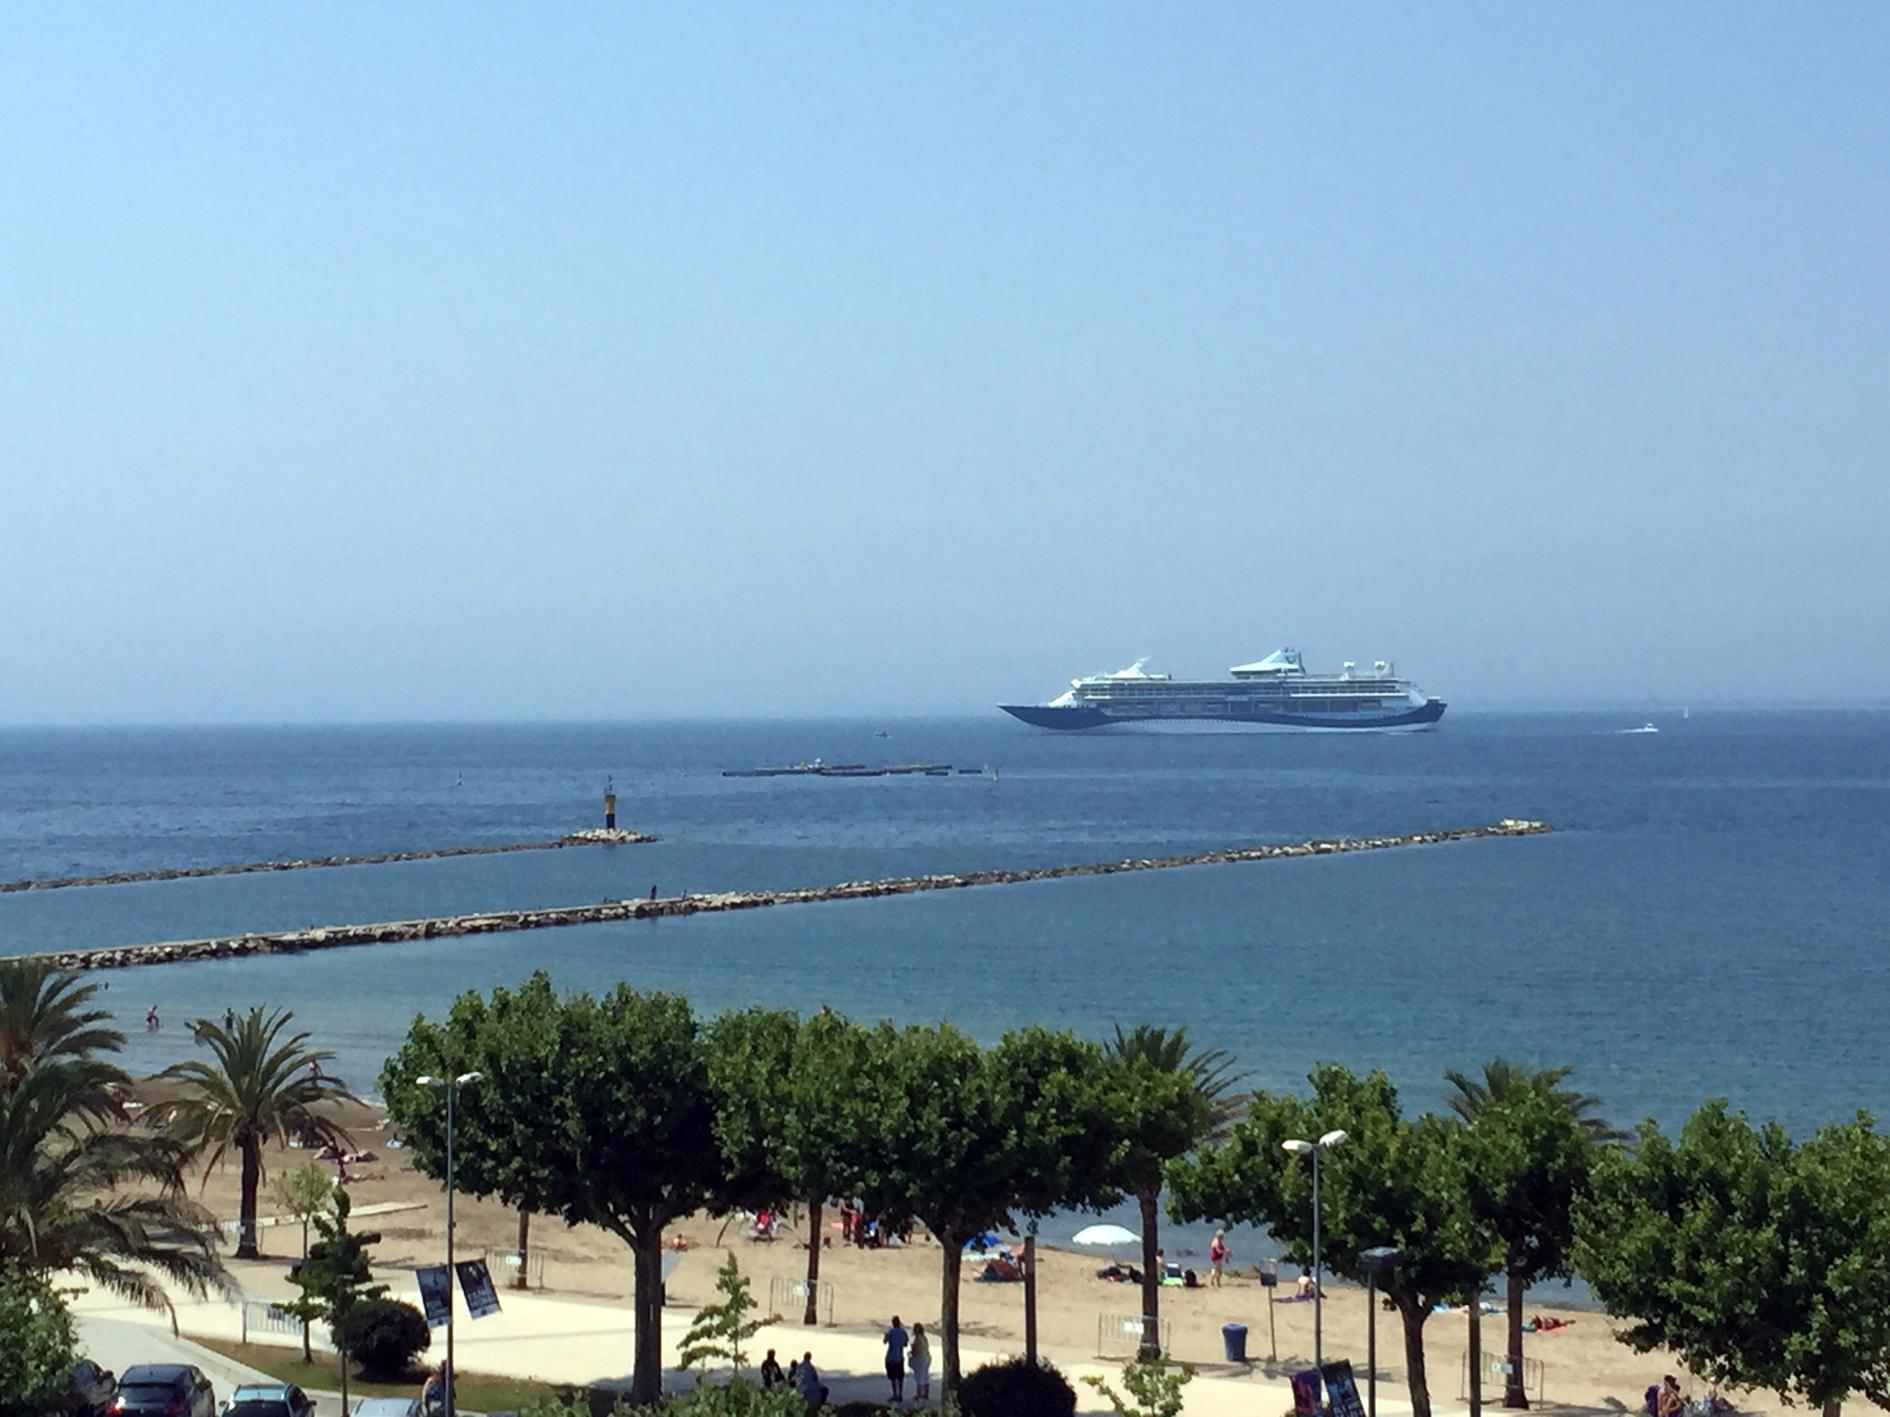 El port de Roses rep per primer cop 1.800 passatgers amb el creuer Tui Discovery